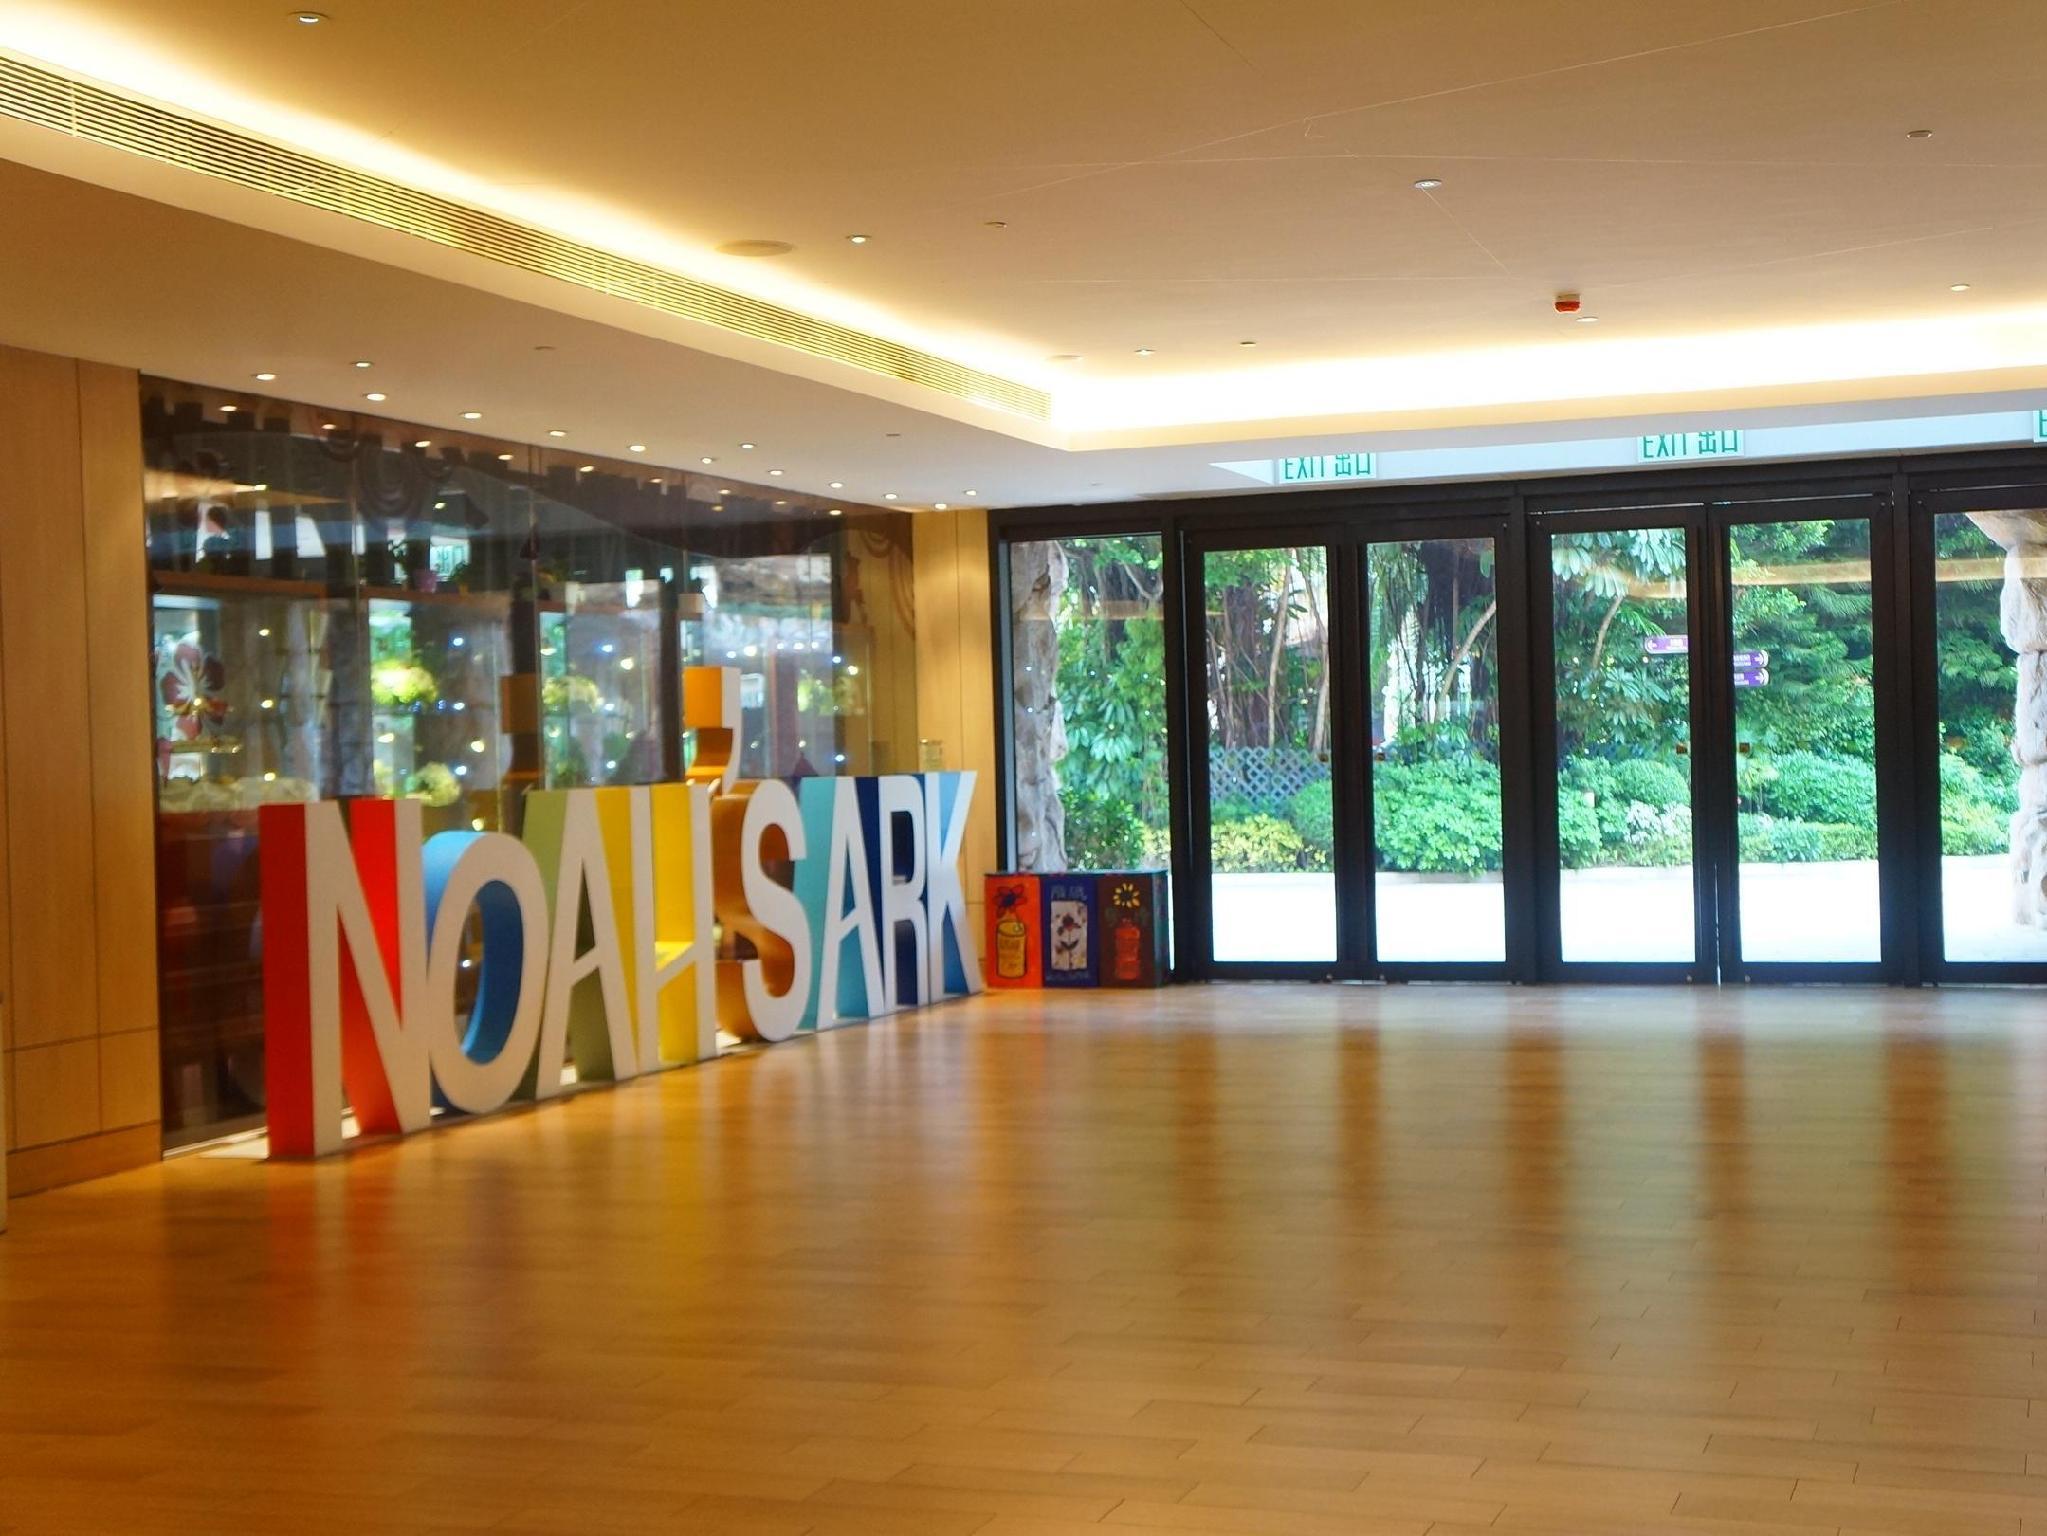 香港挪亞方舟度假酒店 (Noah's Ark Resort)真實住客評鑑&超殺特惠